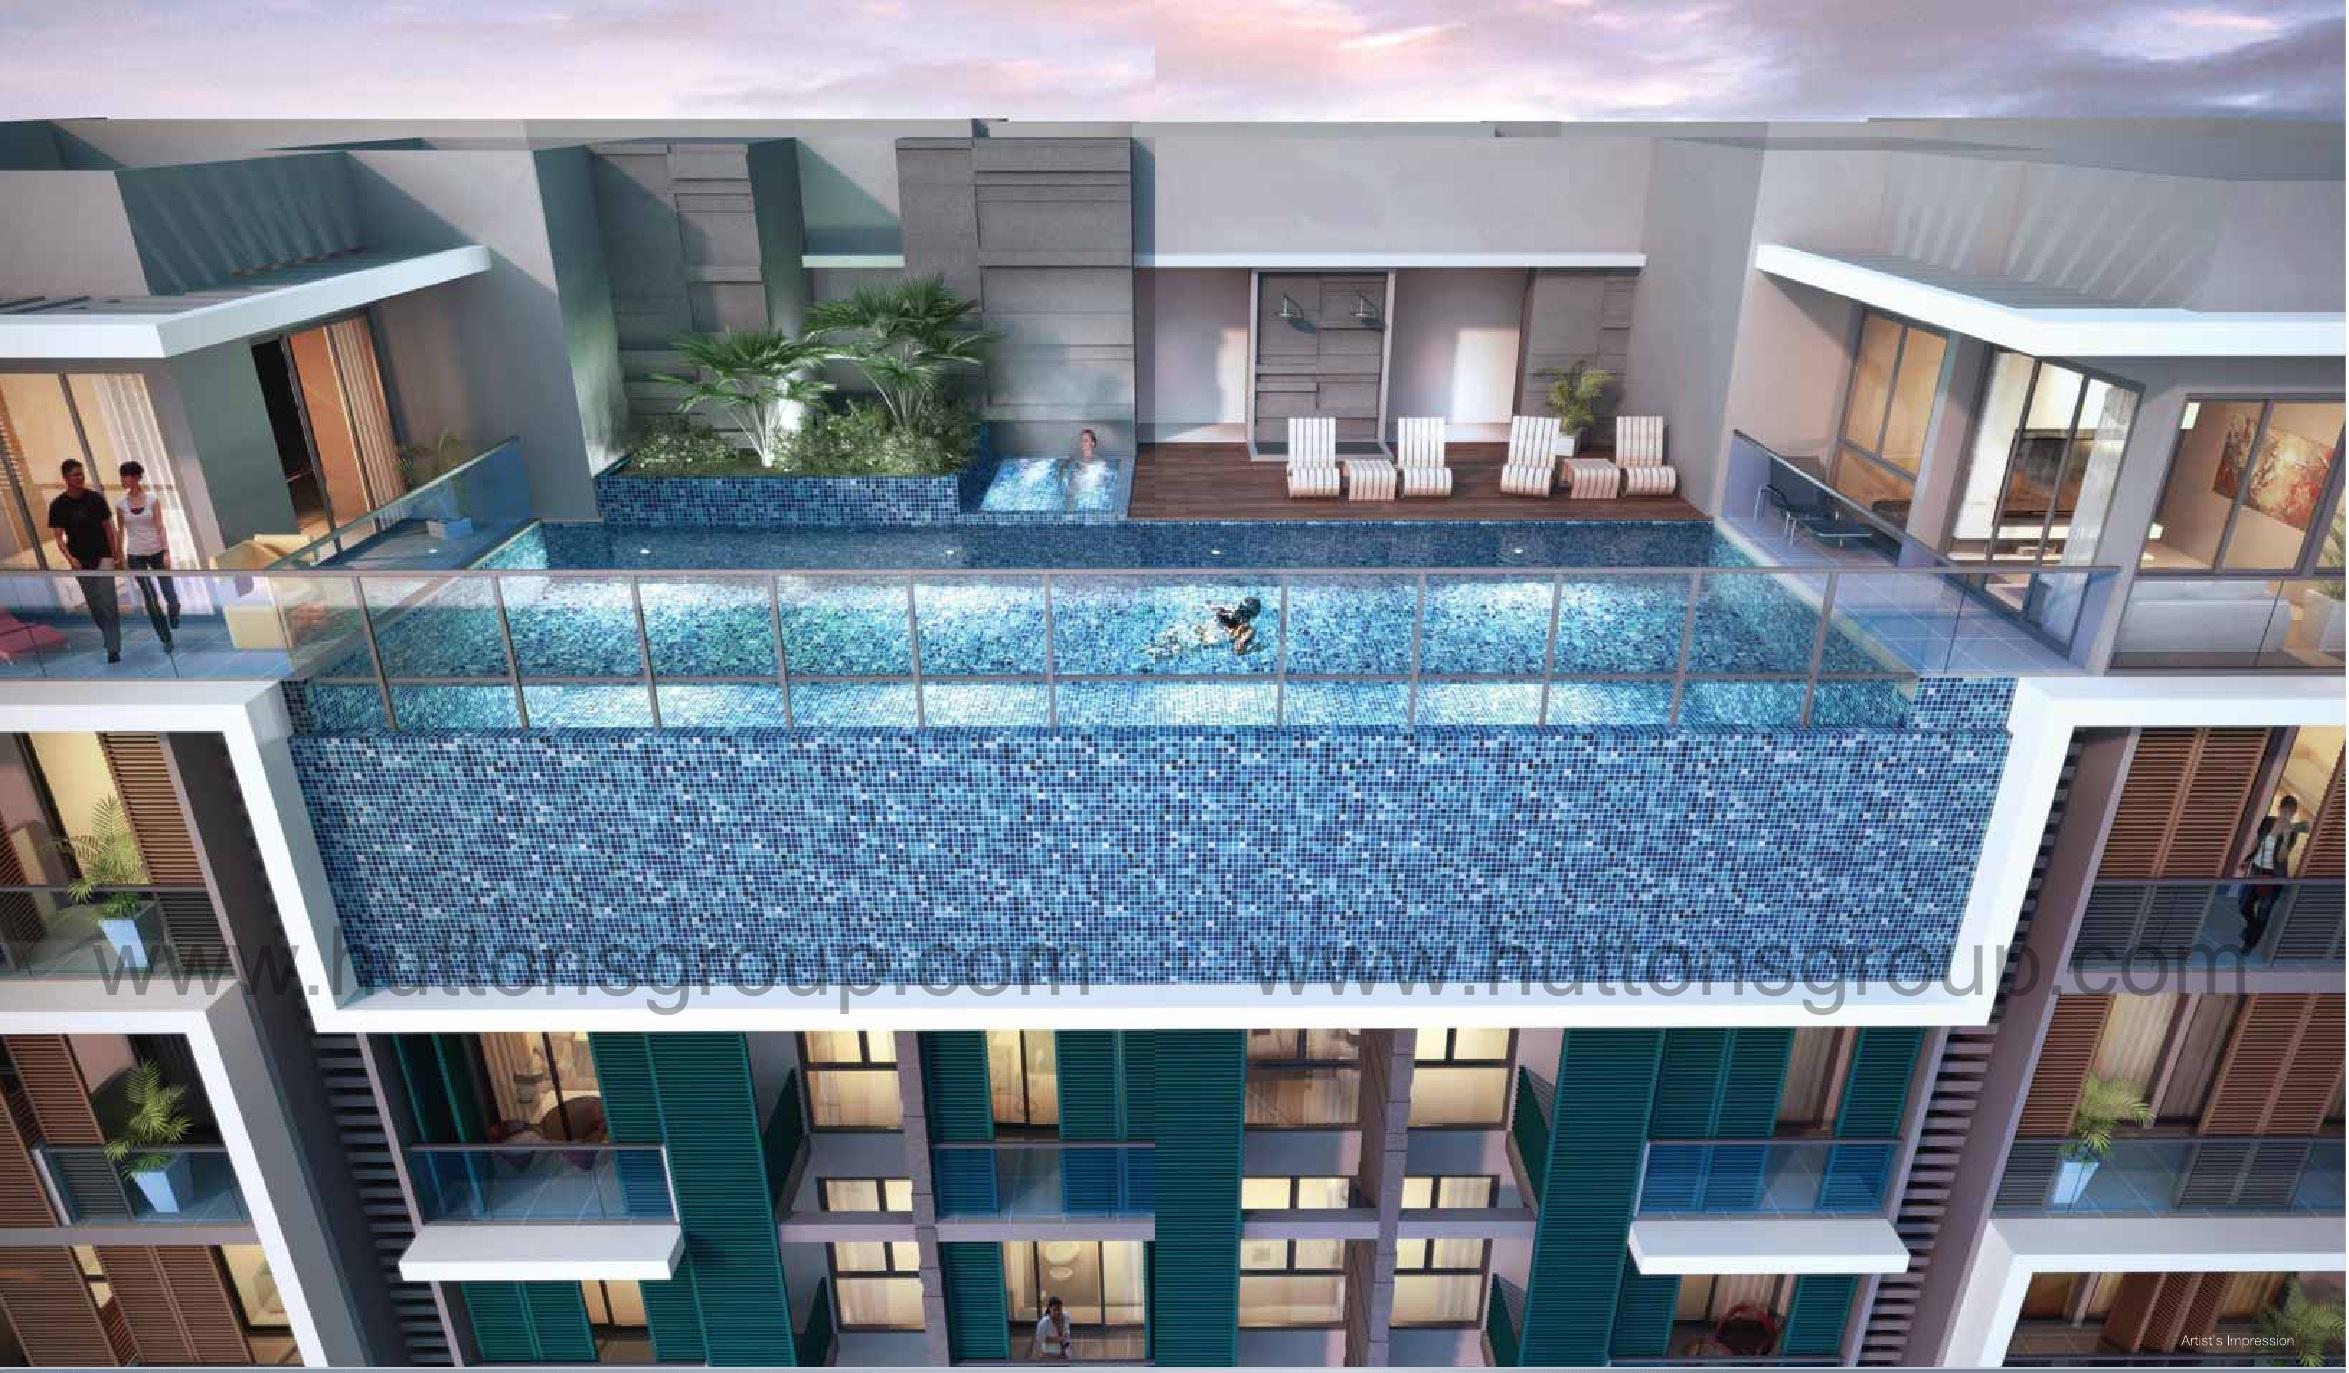 Idyllic-Suites Pool idyllic suites Idyllic Suites Singapore   Showflat Hotline +65 61007122 idyllic suites pool